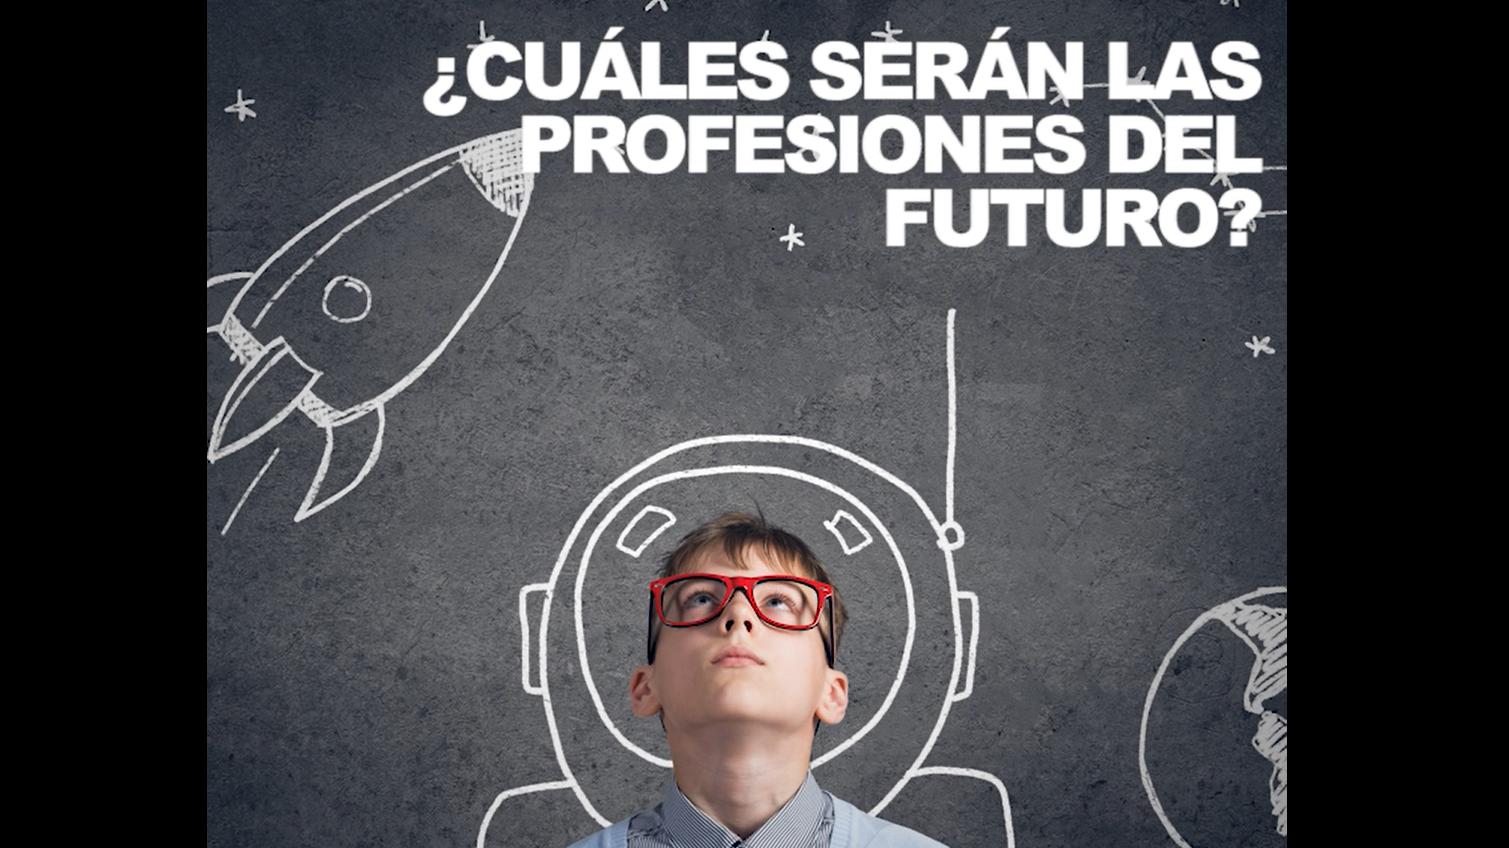 Desde hacer tours al espacio hasta crear partes humanas. Descubre las profesiones del futuro.